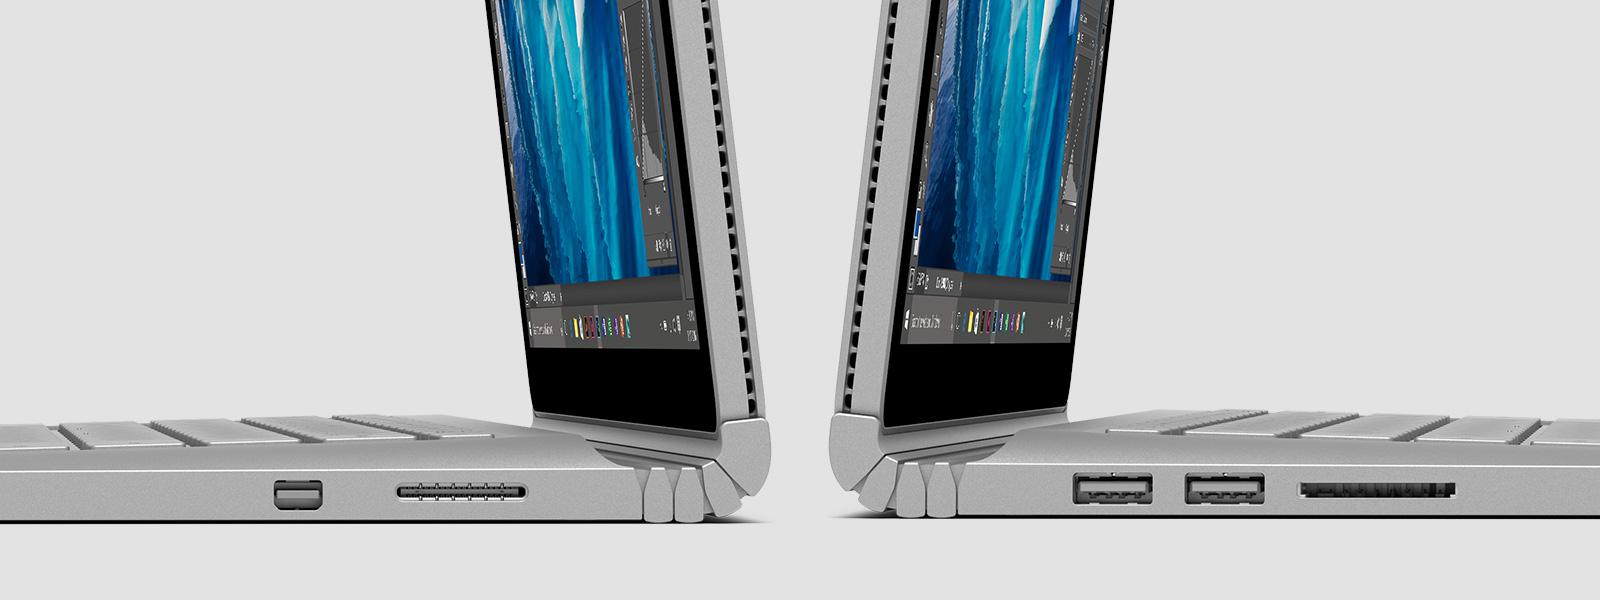 Två Surface Book med baksidorna mot varandra, visas från sidan med en närbild på Dynamic Fulcrum Hinge och externa portar